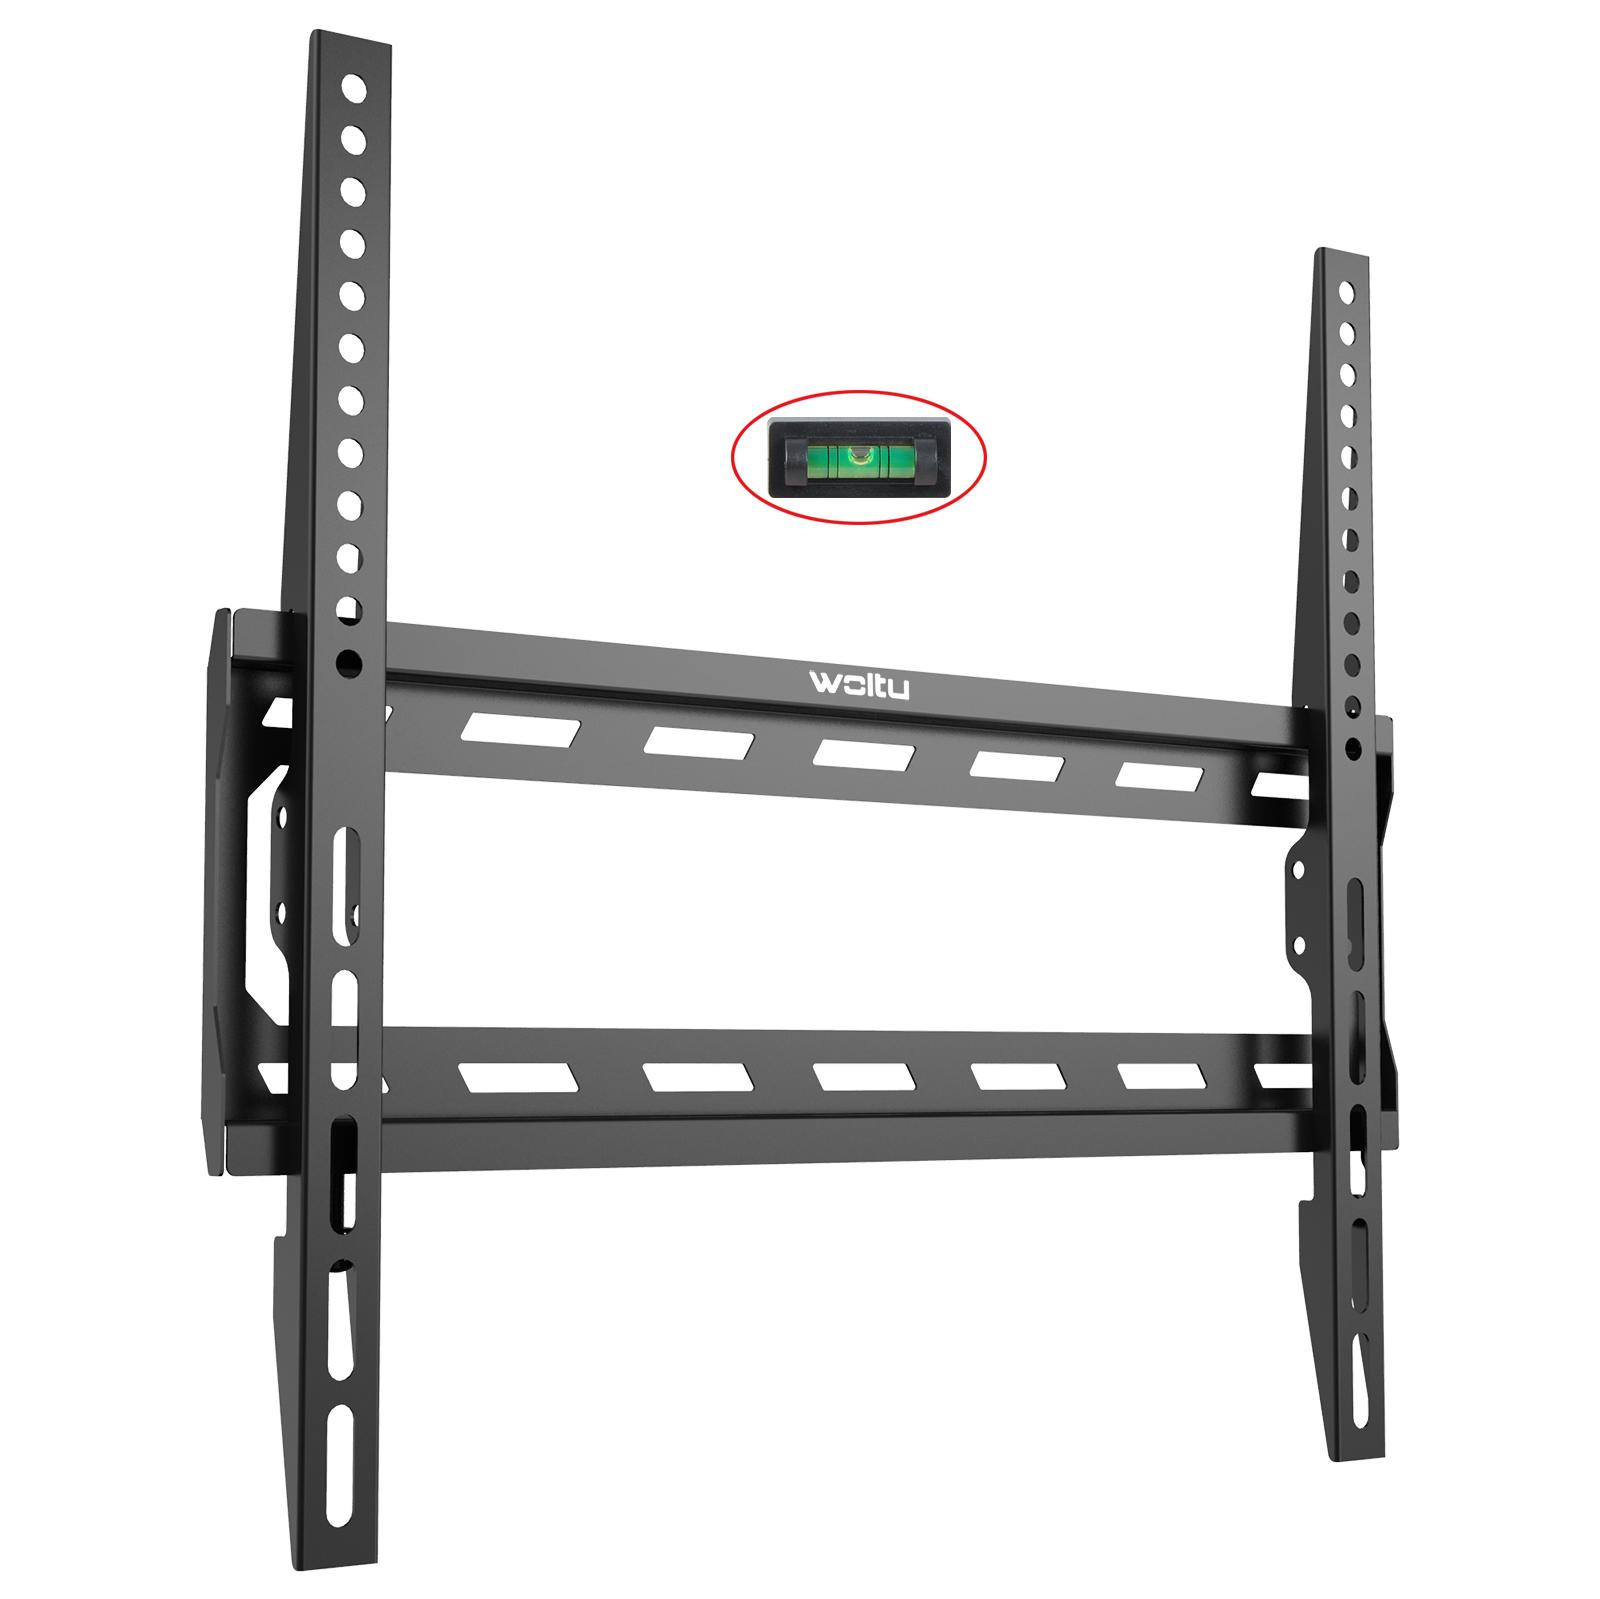 tv fernseher wandhalterung wandhalter halterung befestigung 26 50 zoll wh8504 ebay. Black Bedroom Furniture Sets. Home Design Ideas